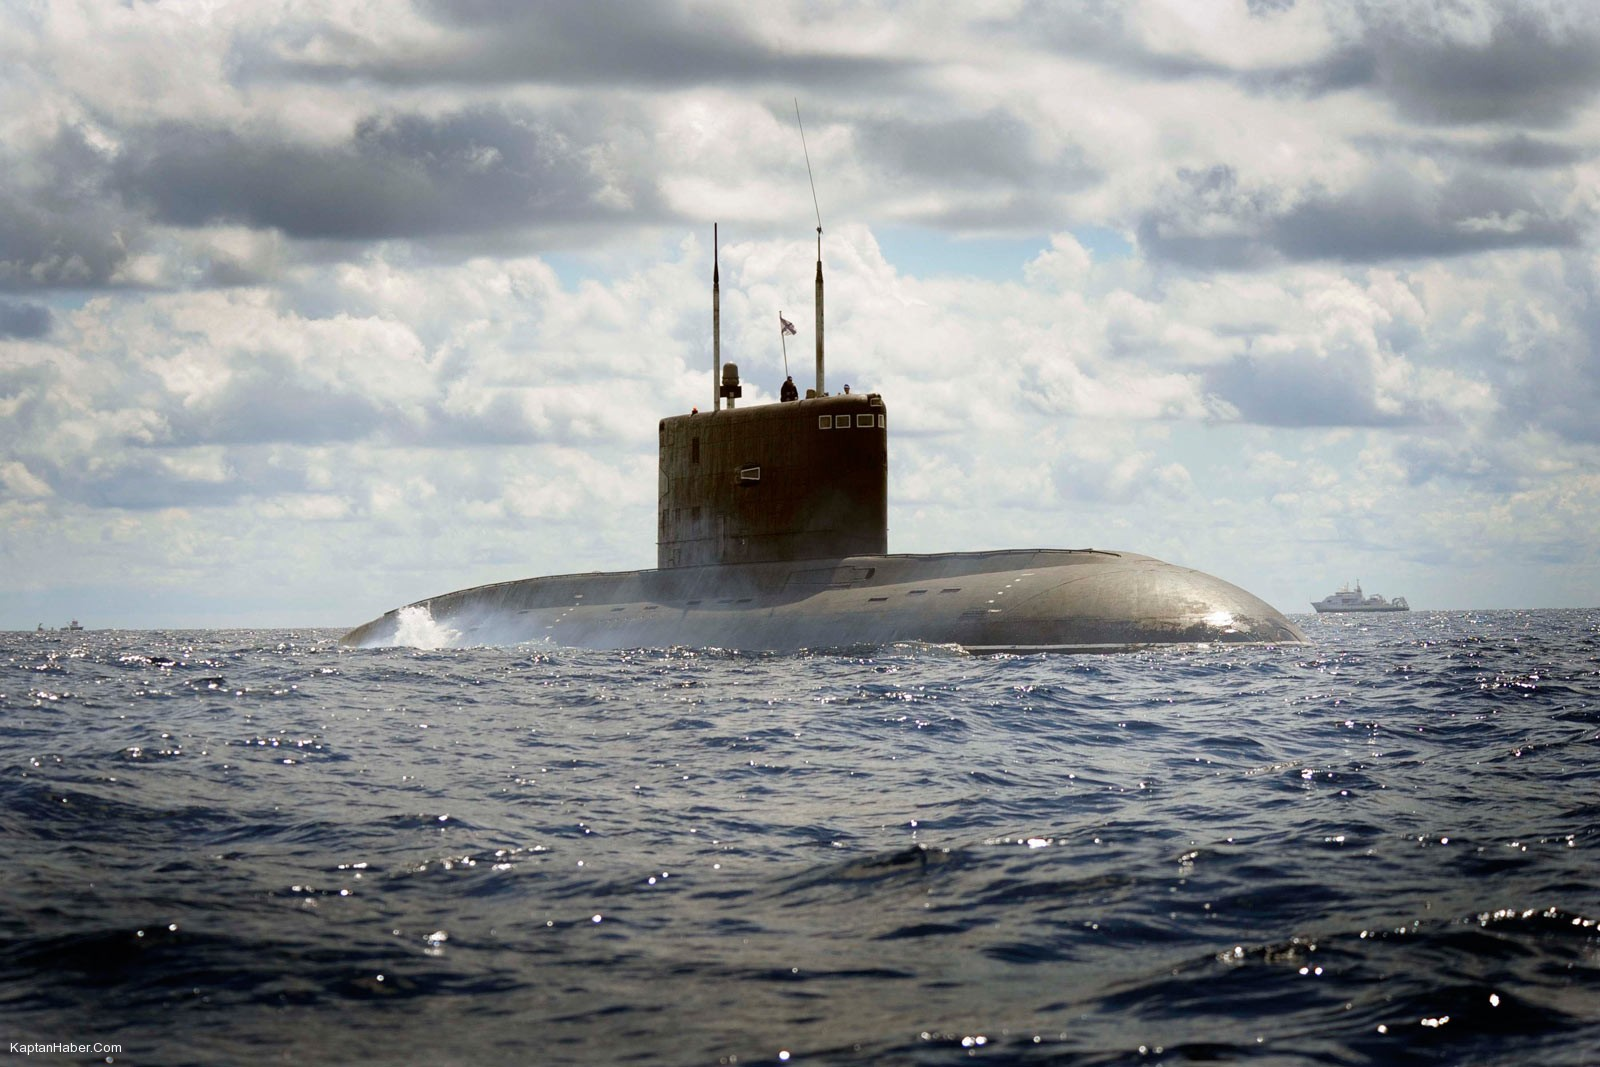 İsrail'in Almanya'dan aldığı denizaltılara soruşturma